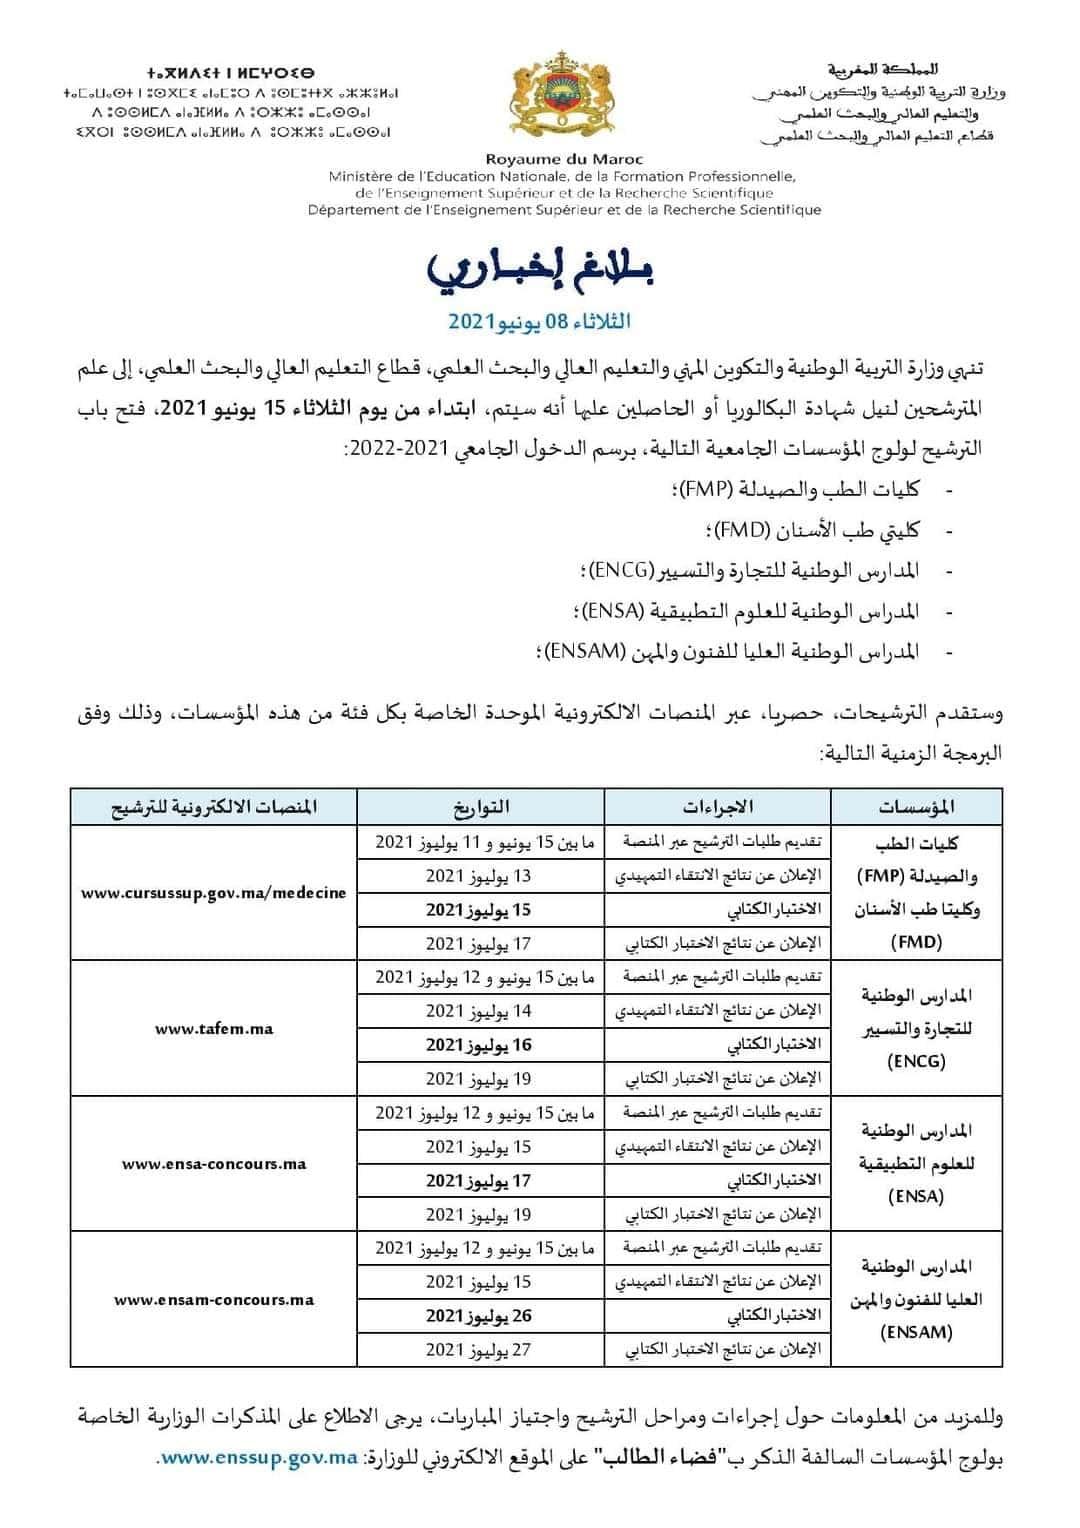 Inscription Concours ENSAM 2021-2022 sur ensam-concours.ma